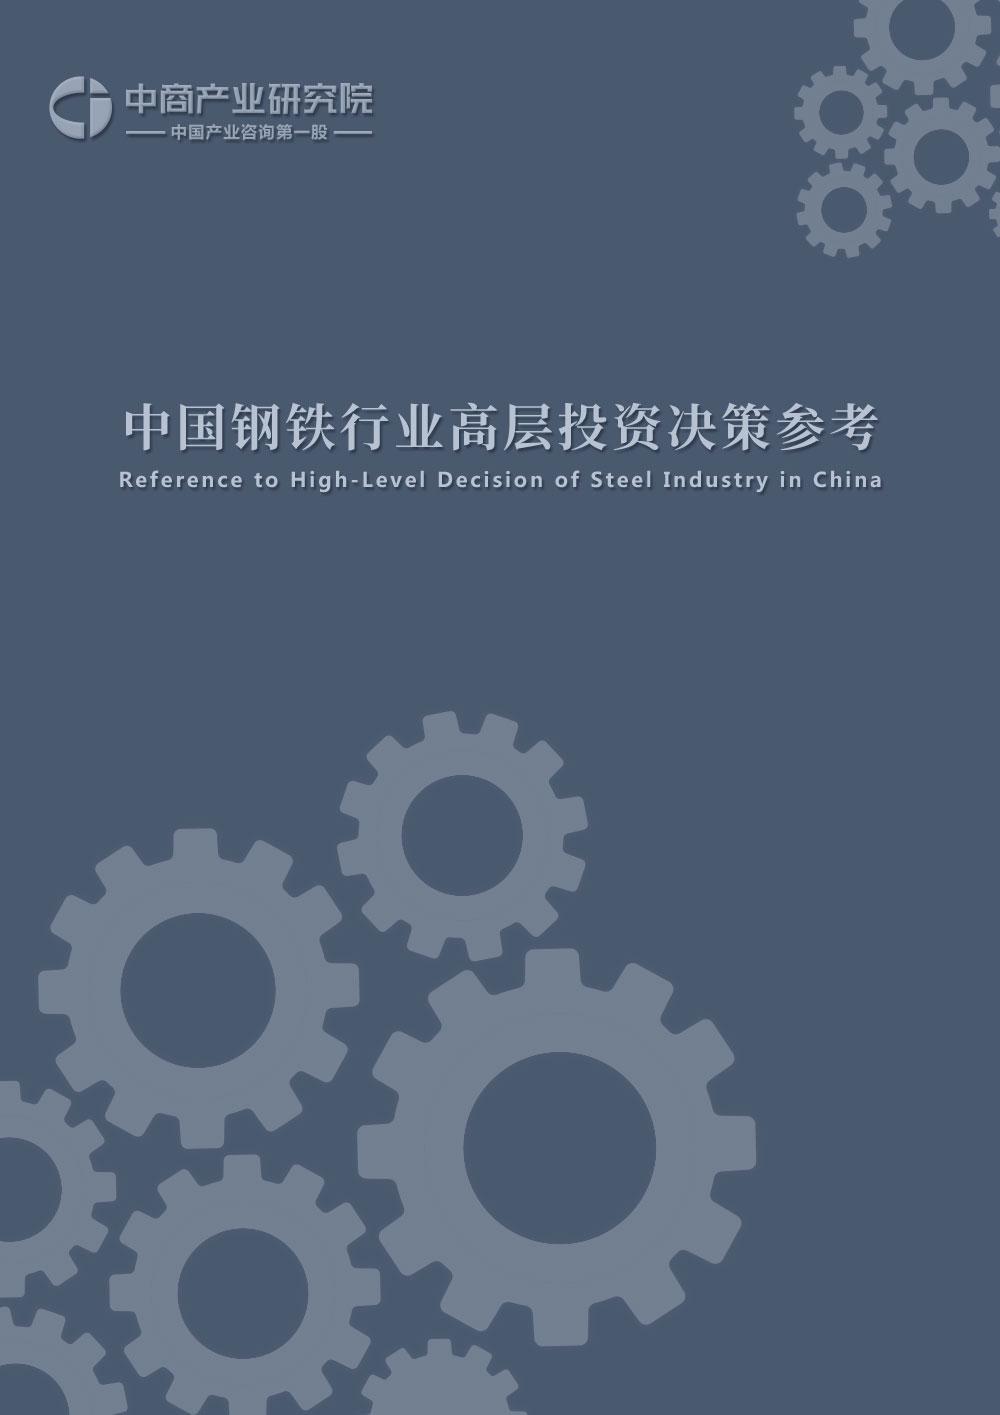 中国钢铁行业投资决策参考(2019年11月)